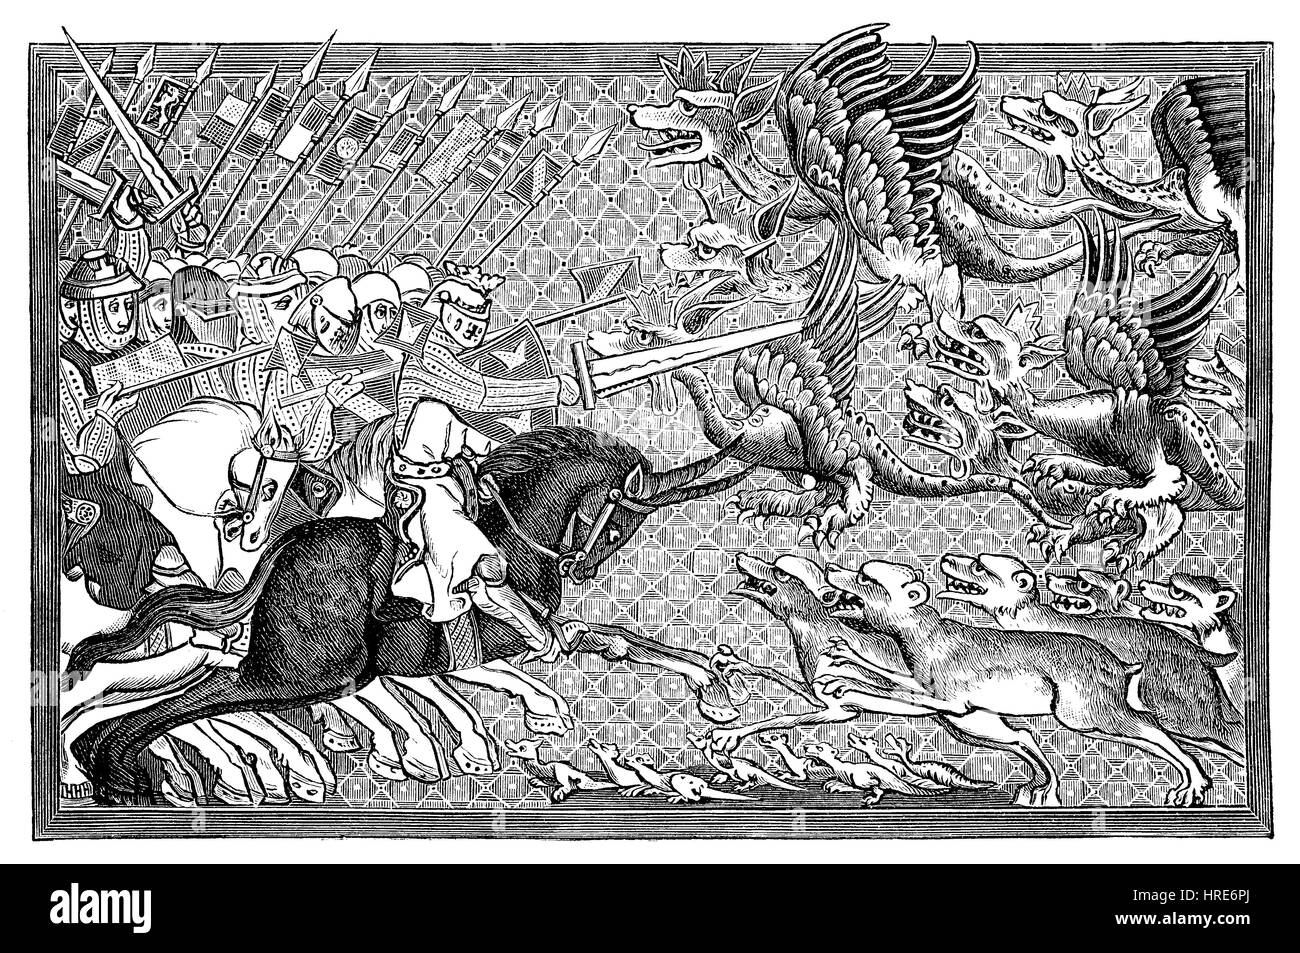 Alexander dans la bataille avec des dragons et autres animaux fantastiques, des miniatures dans un manuscrit de Photo Stock